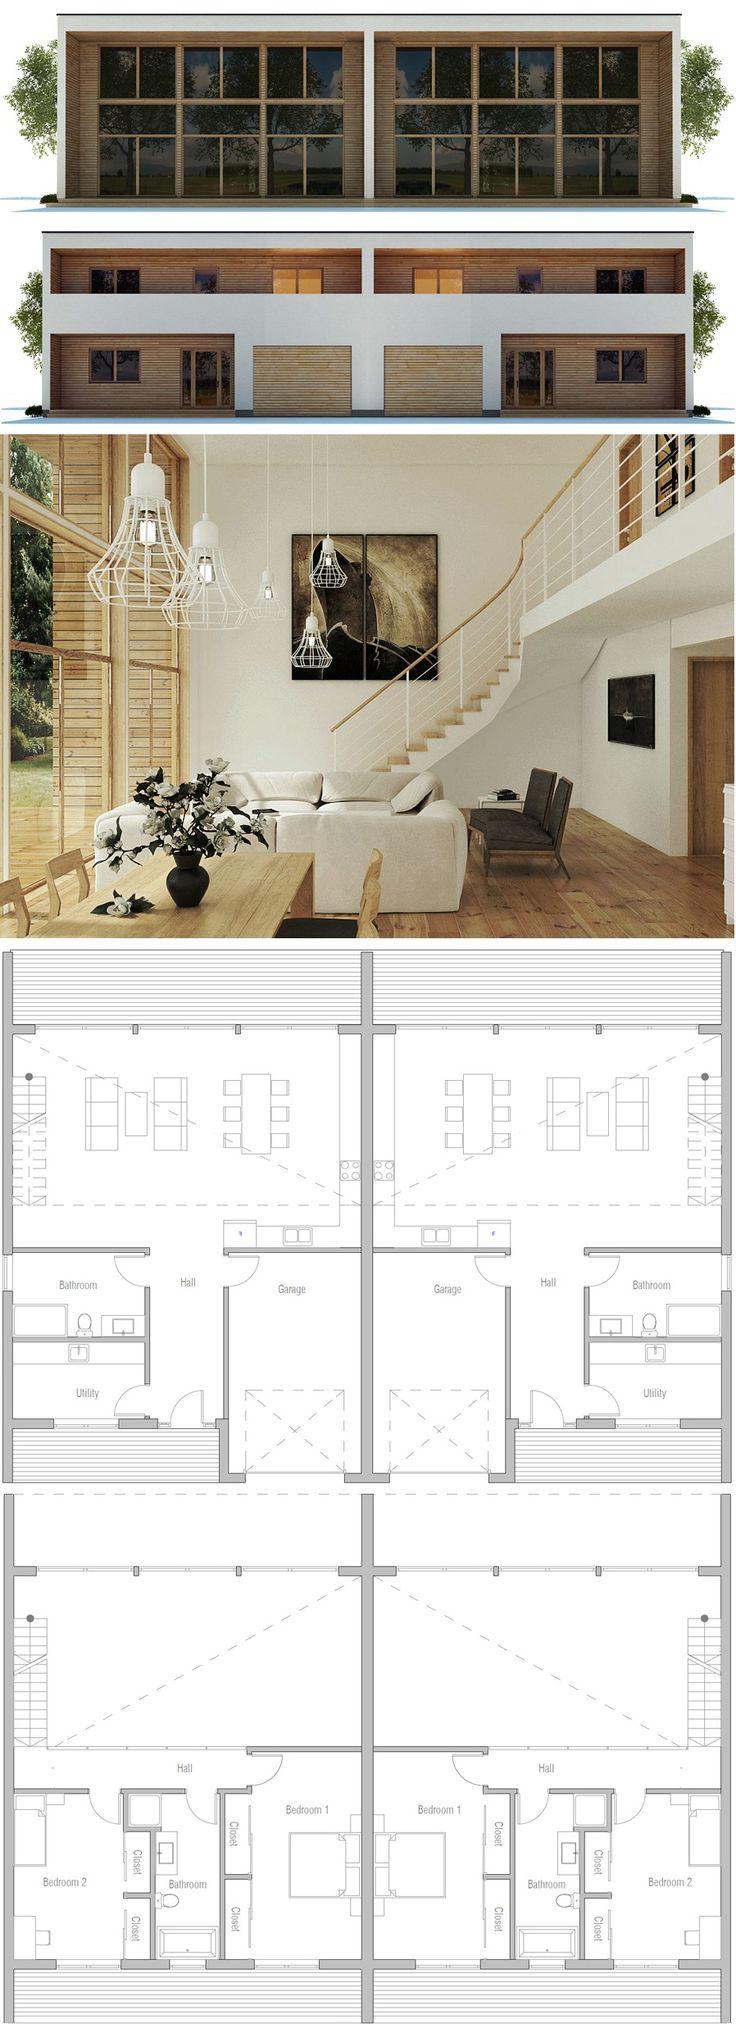 17 best ideas about 3d house plans on pinterest for Plan maison duplex